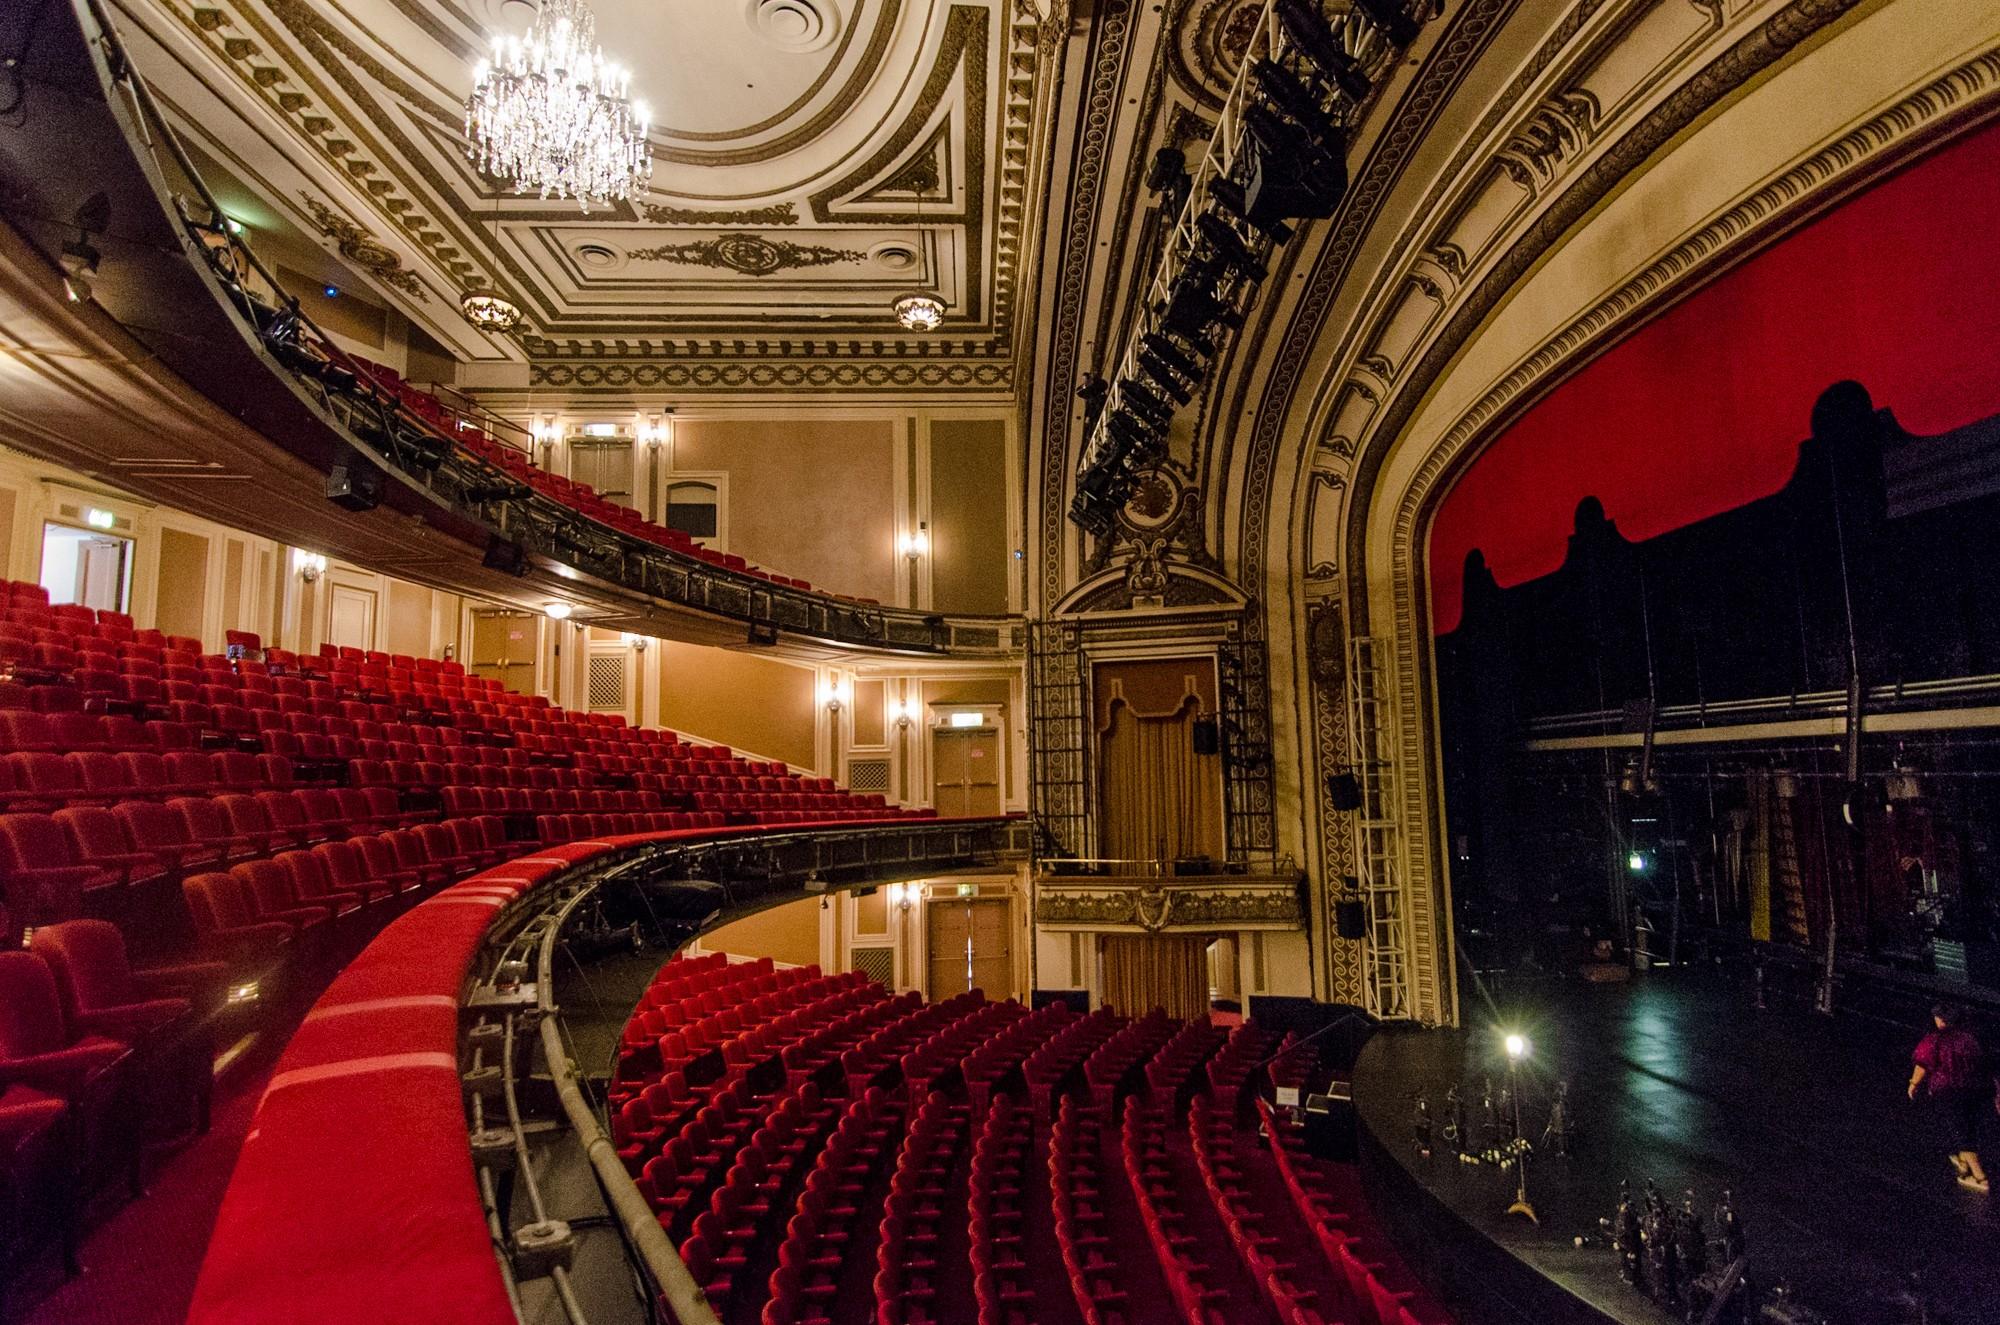 merle-reskin-theatre (1).jpg